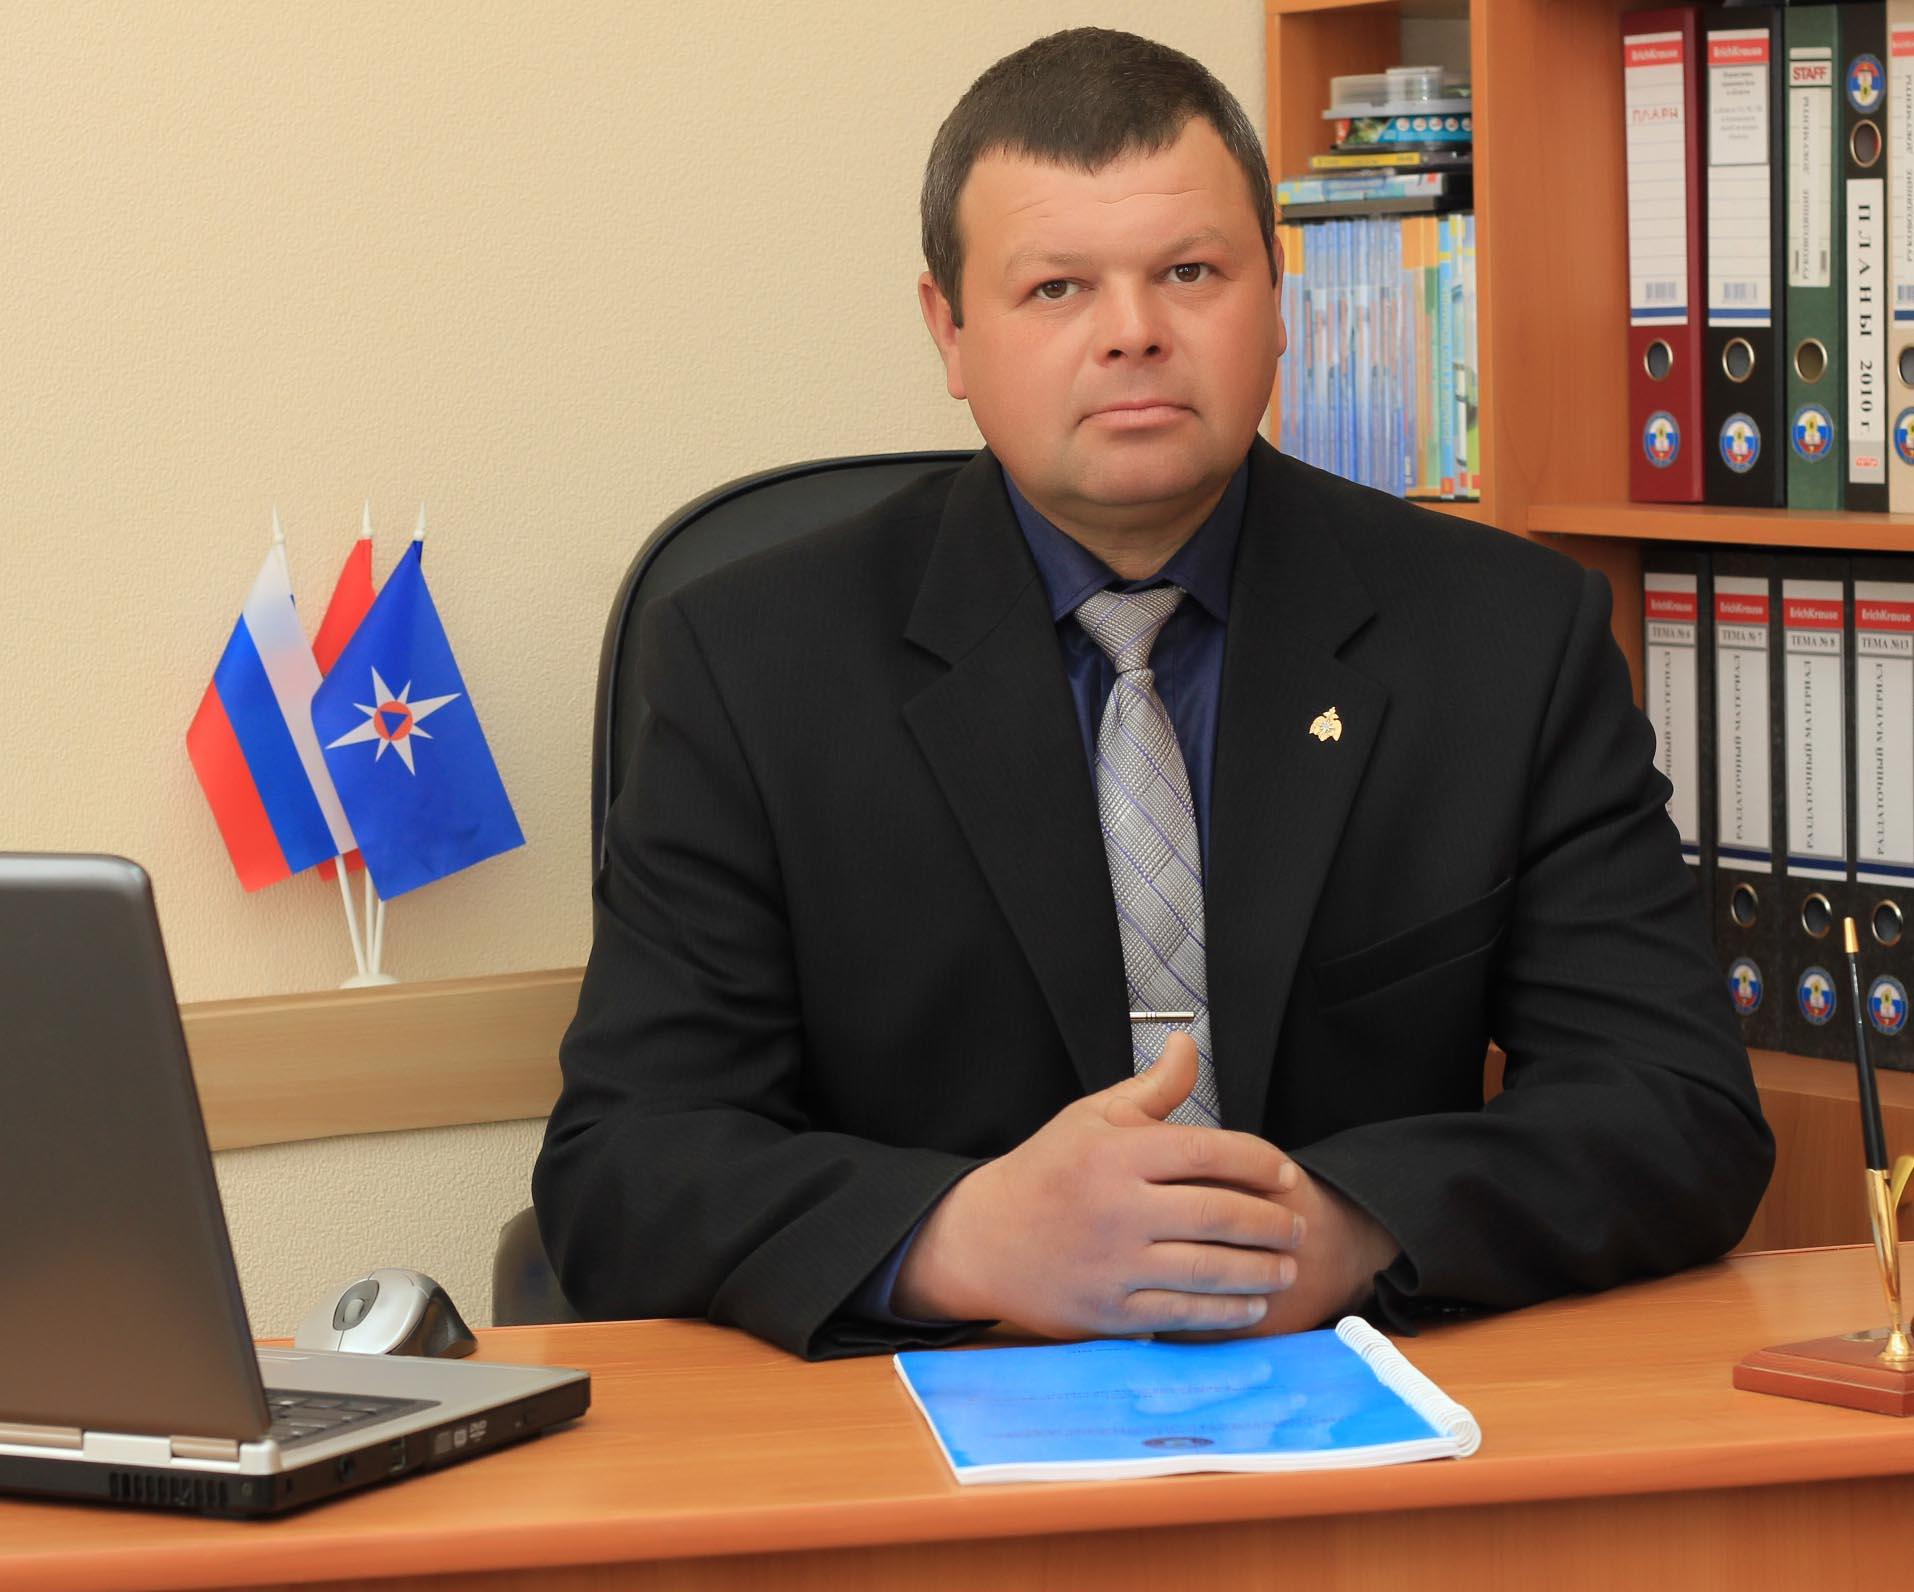 Бондарев Евгений Анатольевич